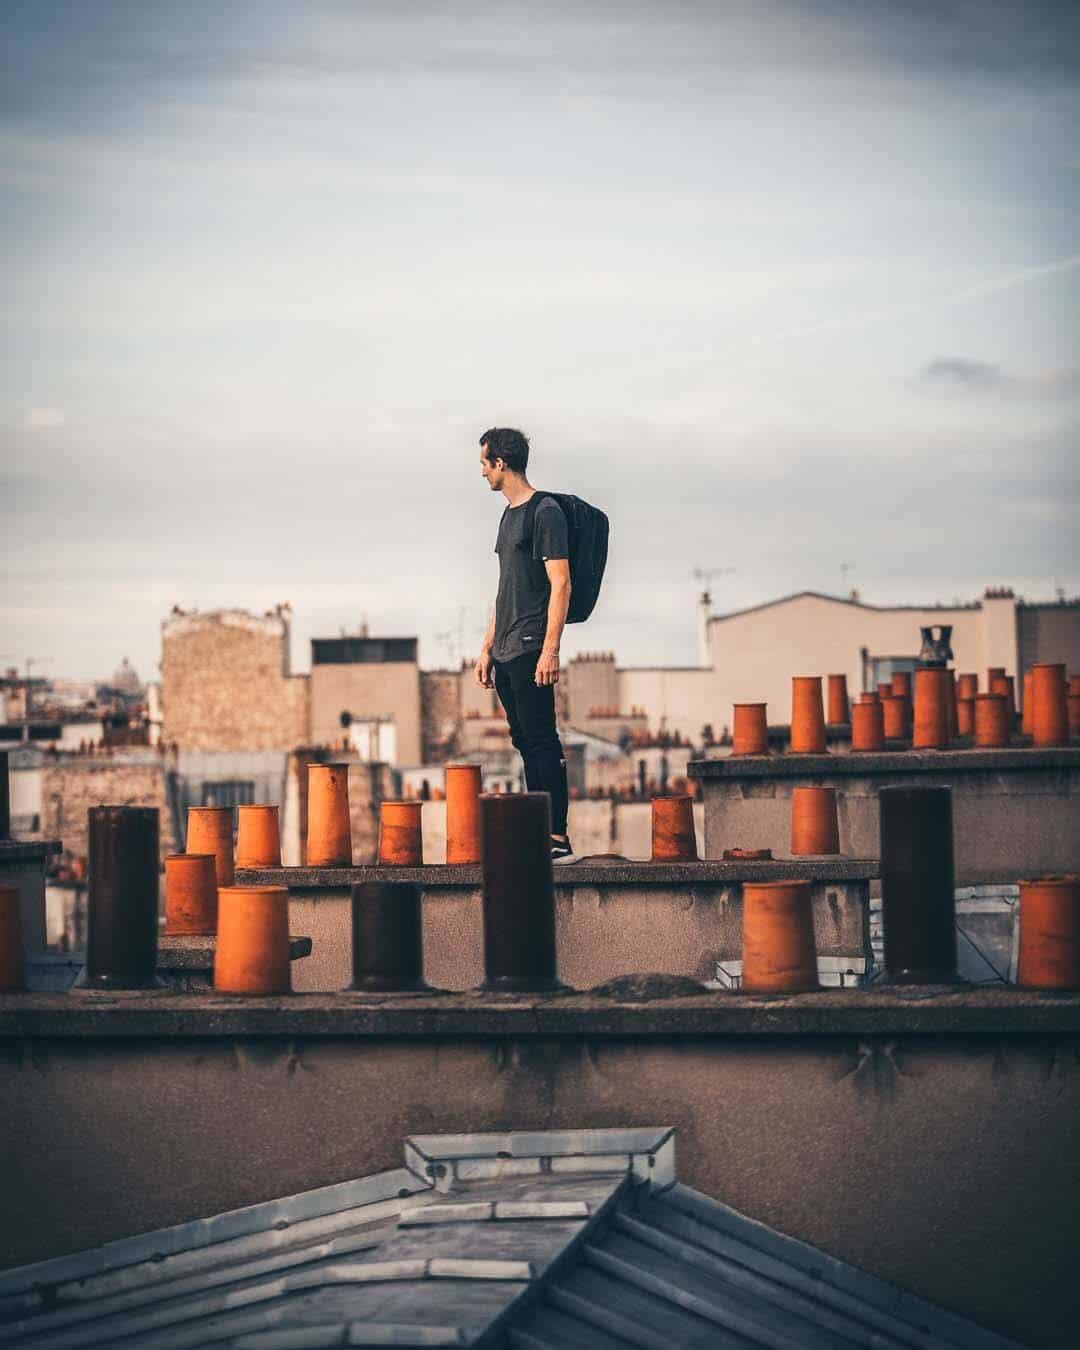 etrefort thibaut parkour clothing outdor paris rooftop pov looking